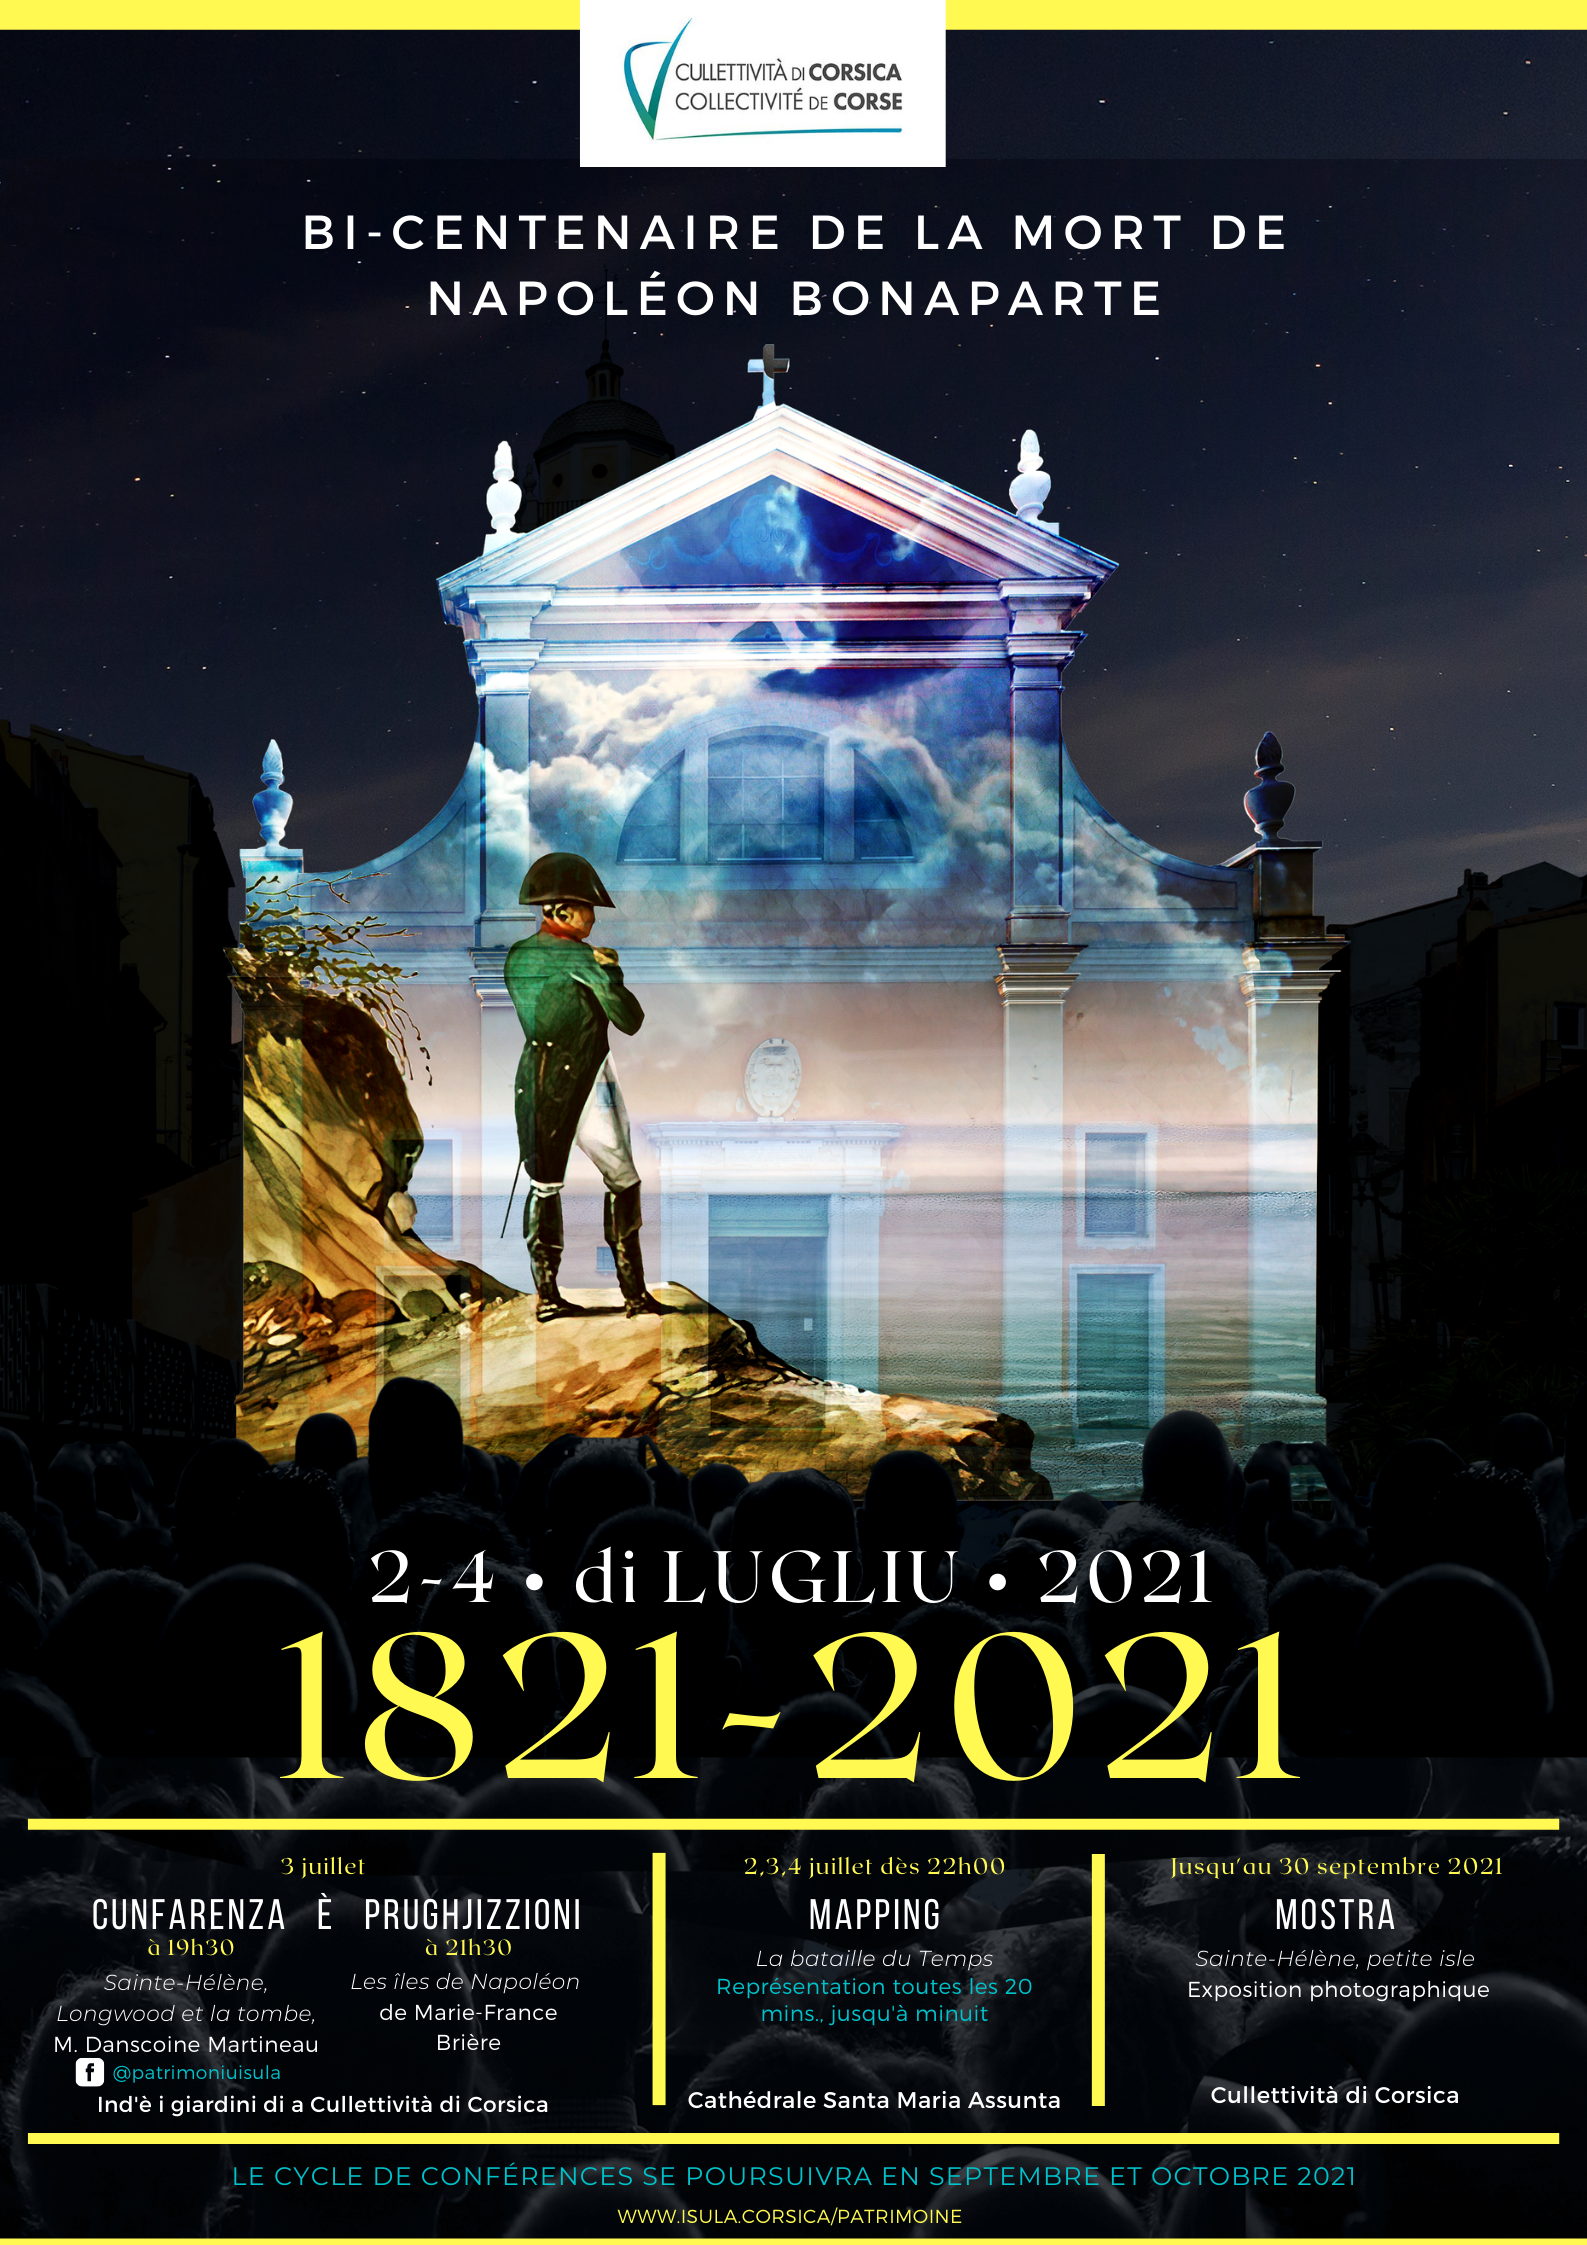 1821 - 2021 : Bi-Centenaire de la mort de Napoléon Bonaparte